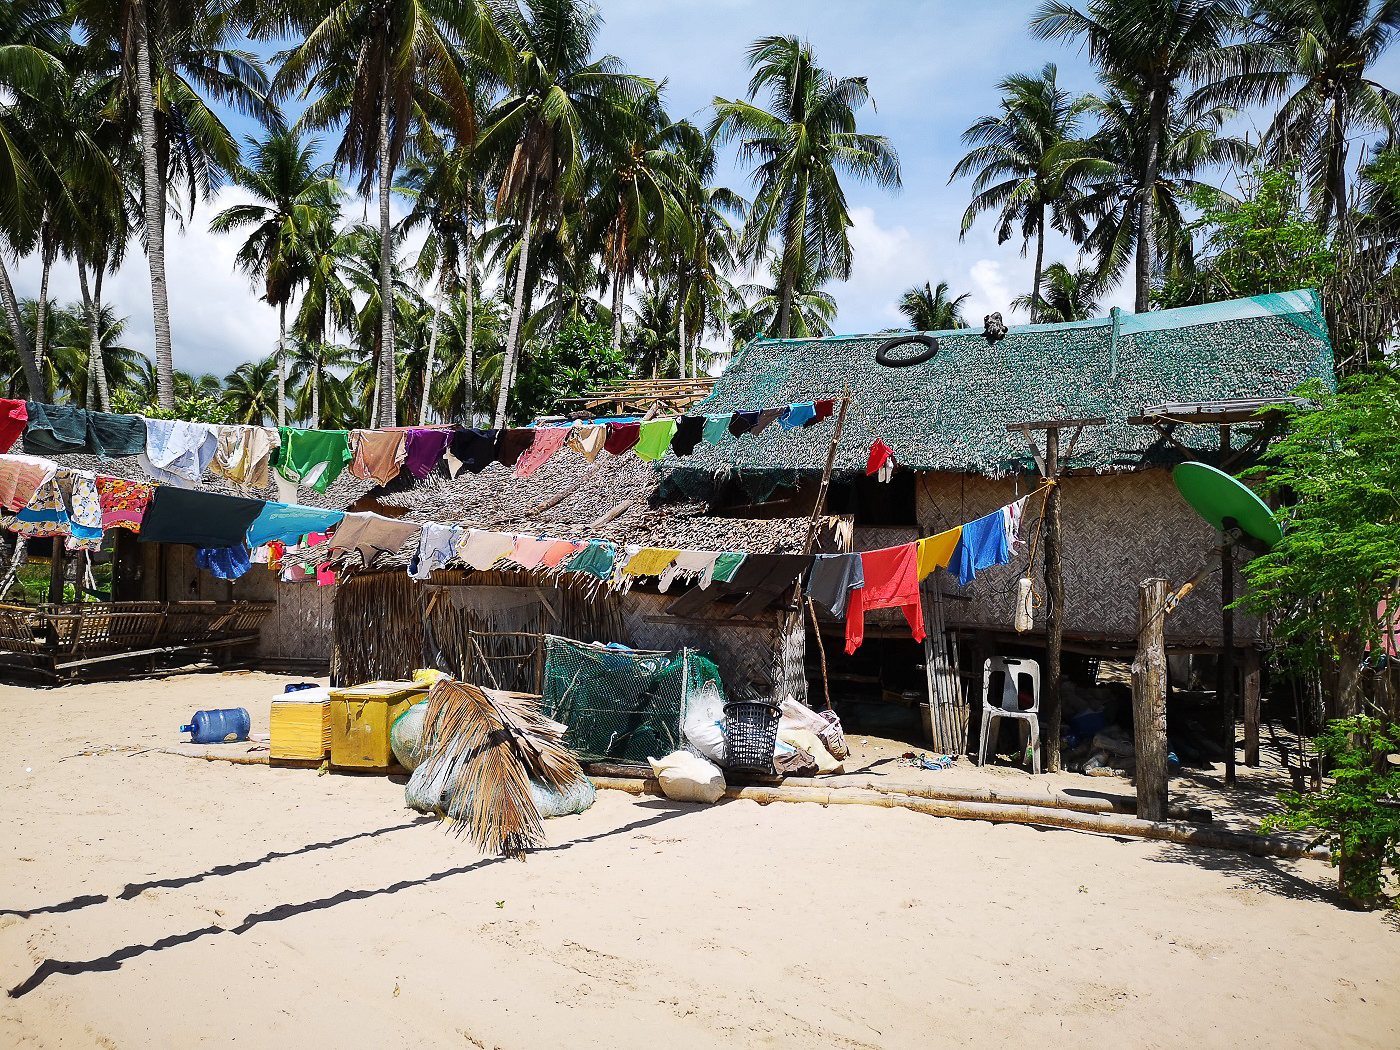 Cordes à linge colorées - Voyage aux Philippines